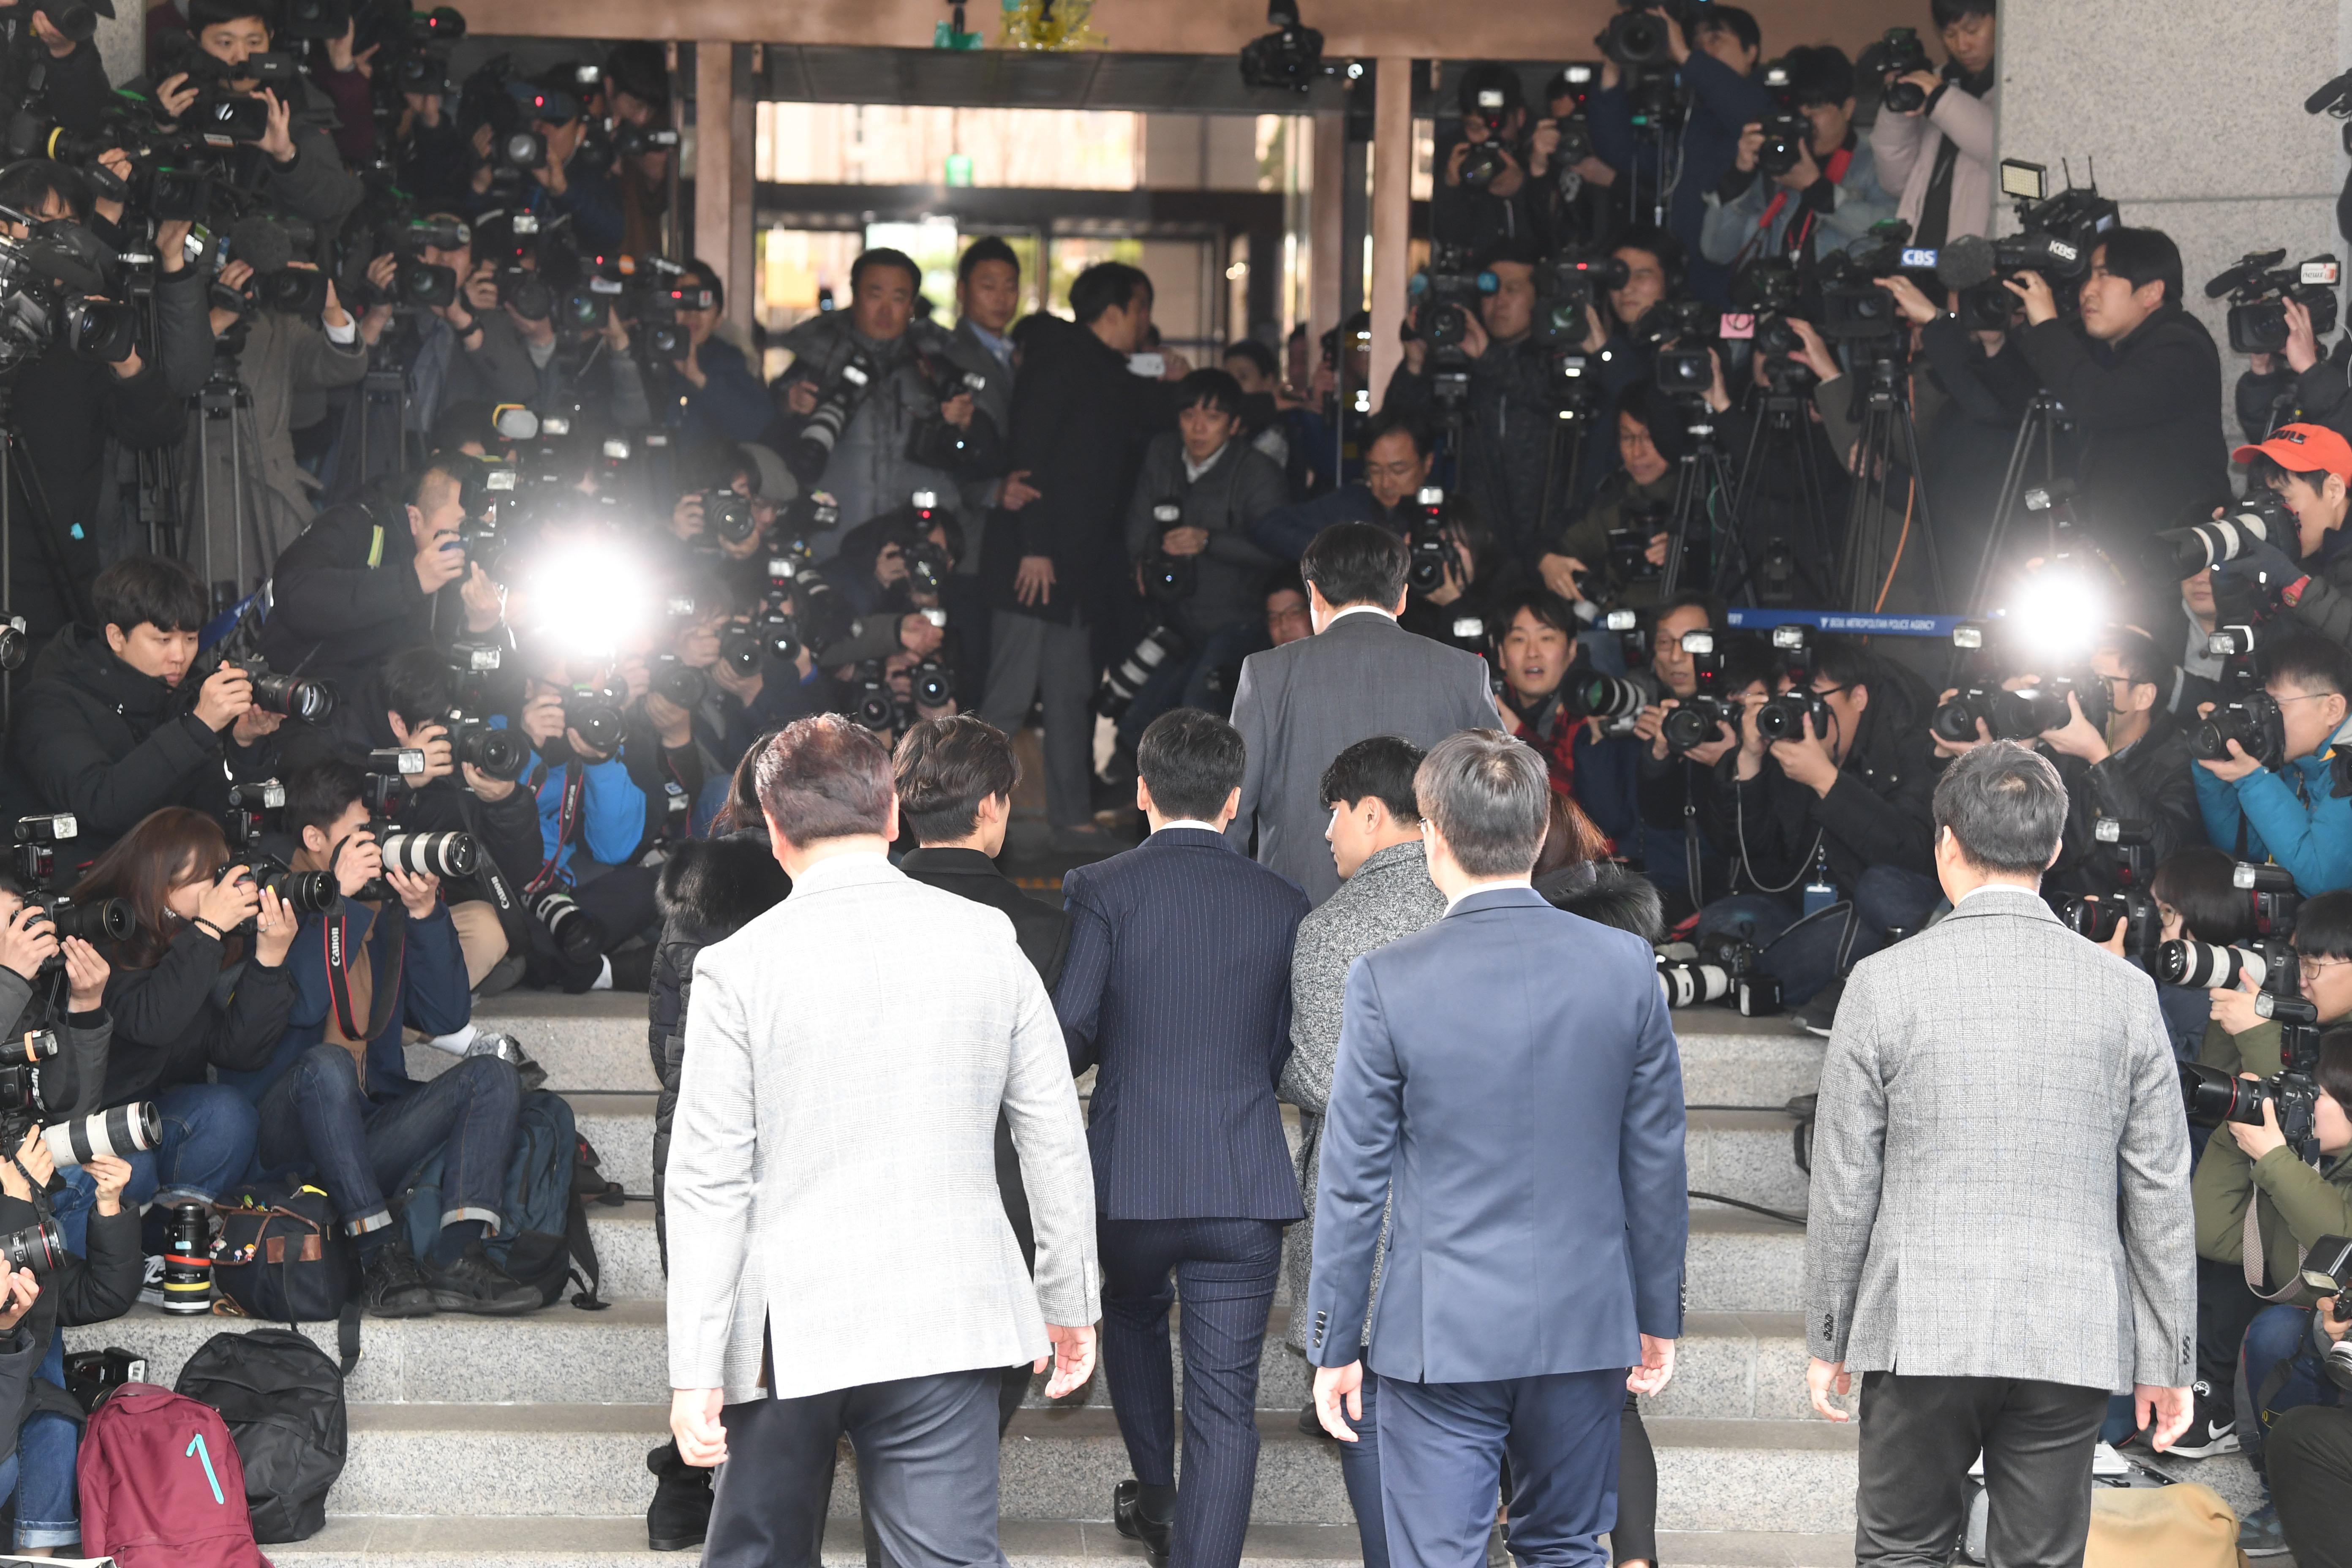 유리홀딩스 대표 유인석씨가 취재진을 피해 경찰에 기습